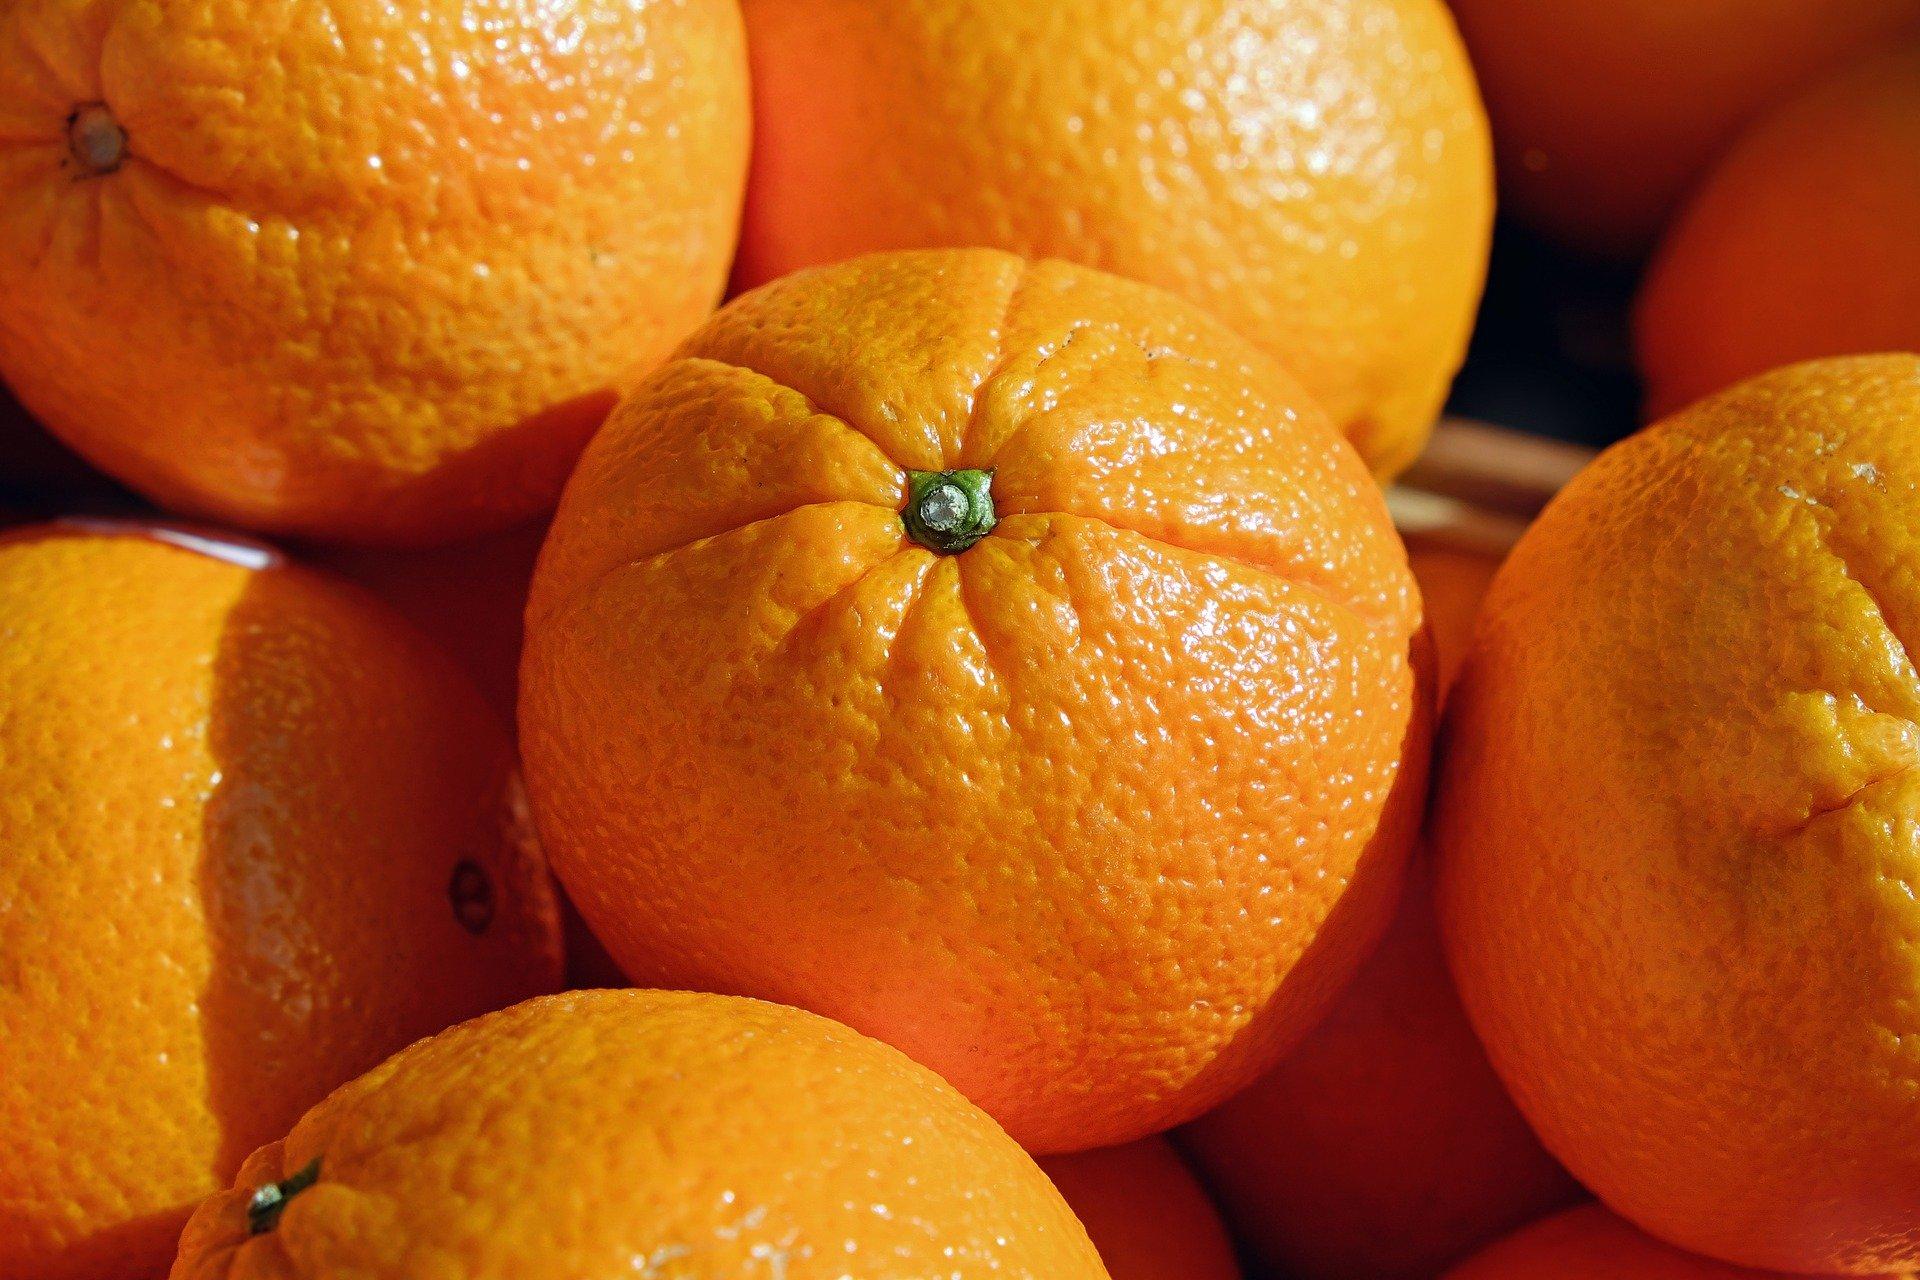 mesa-habla-sabores-primarios-gusto-naranjas